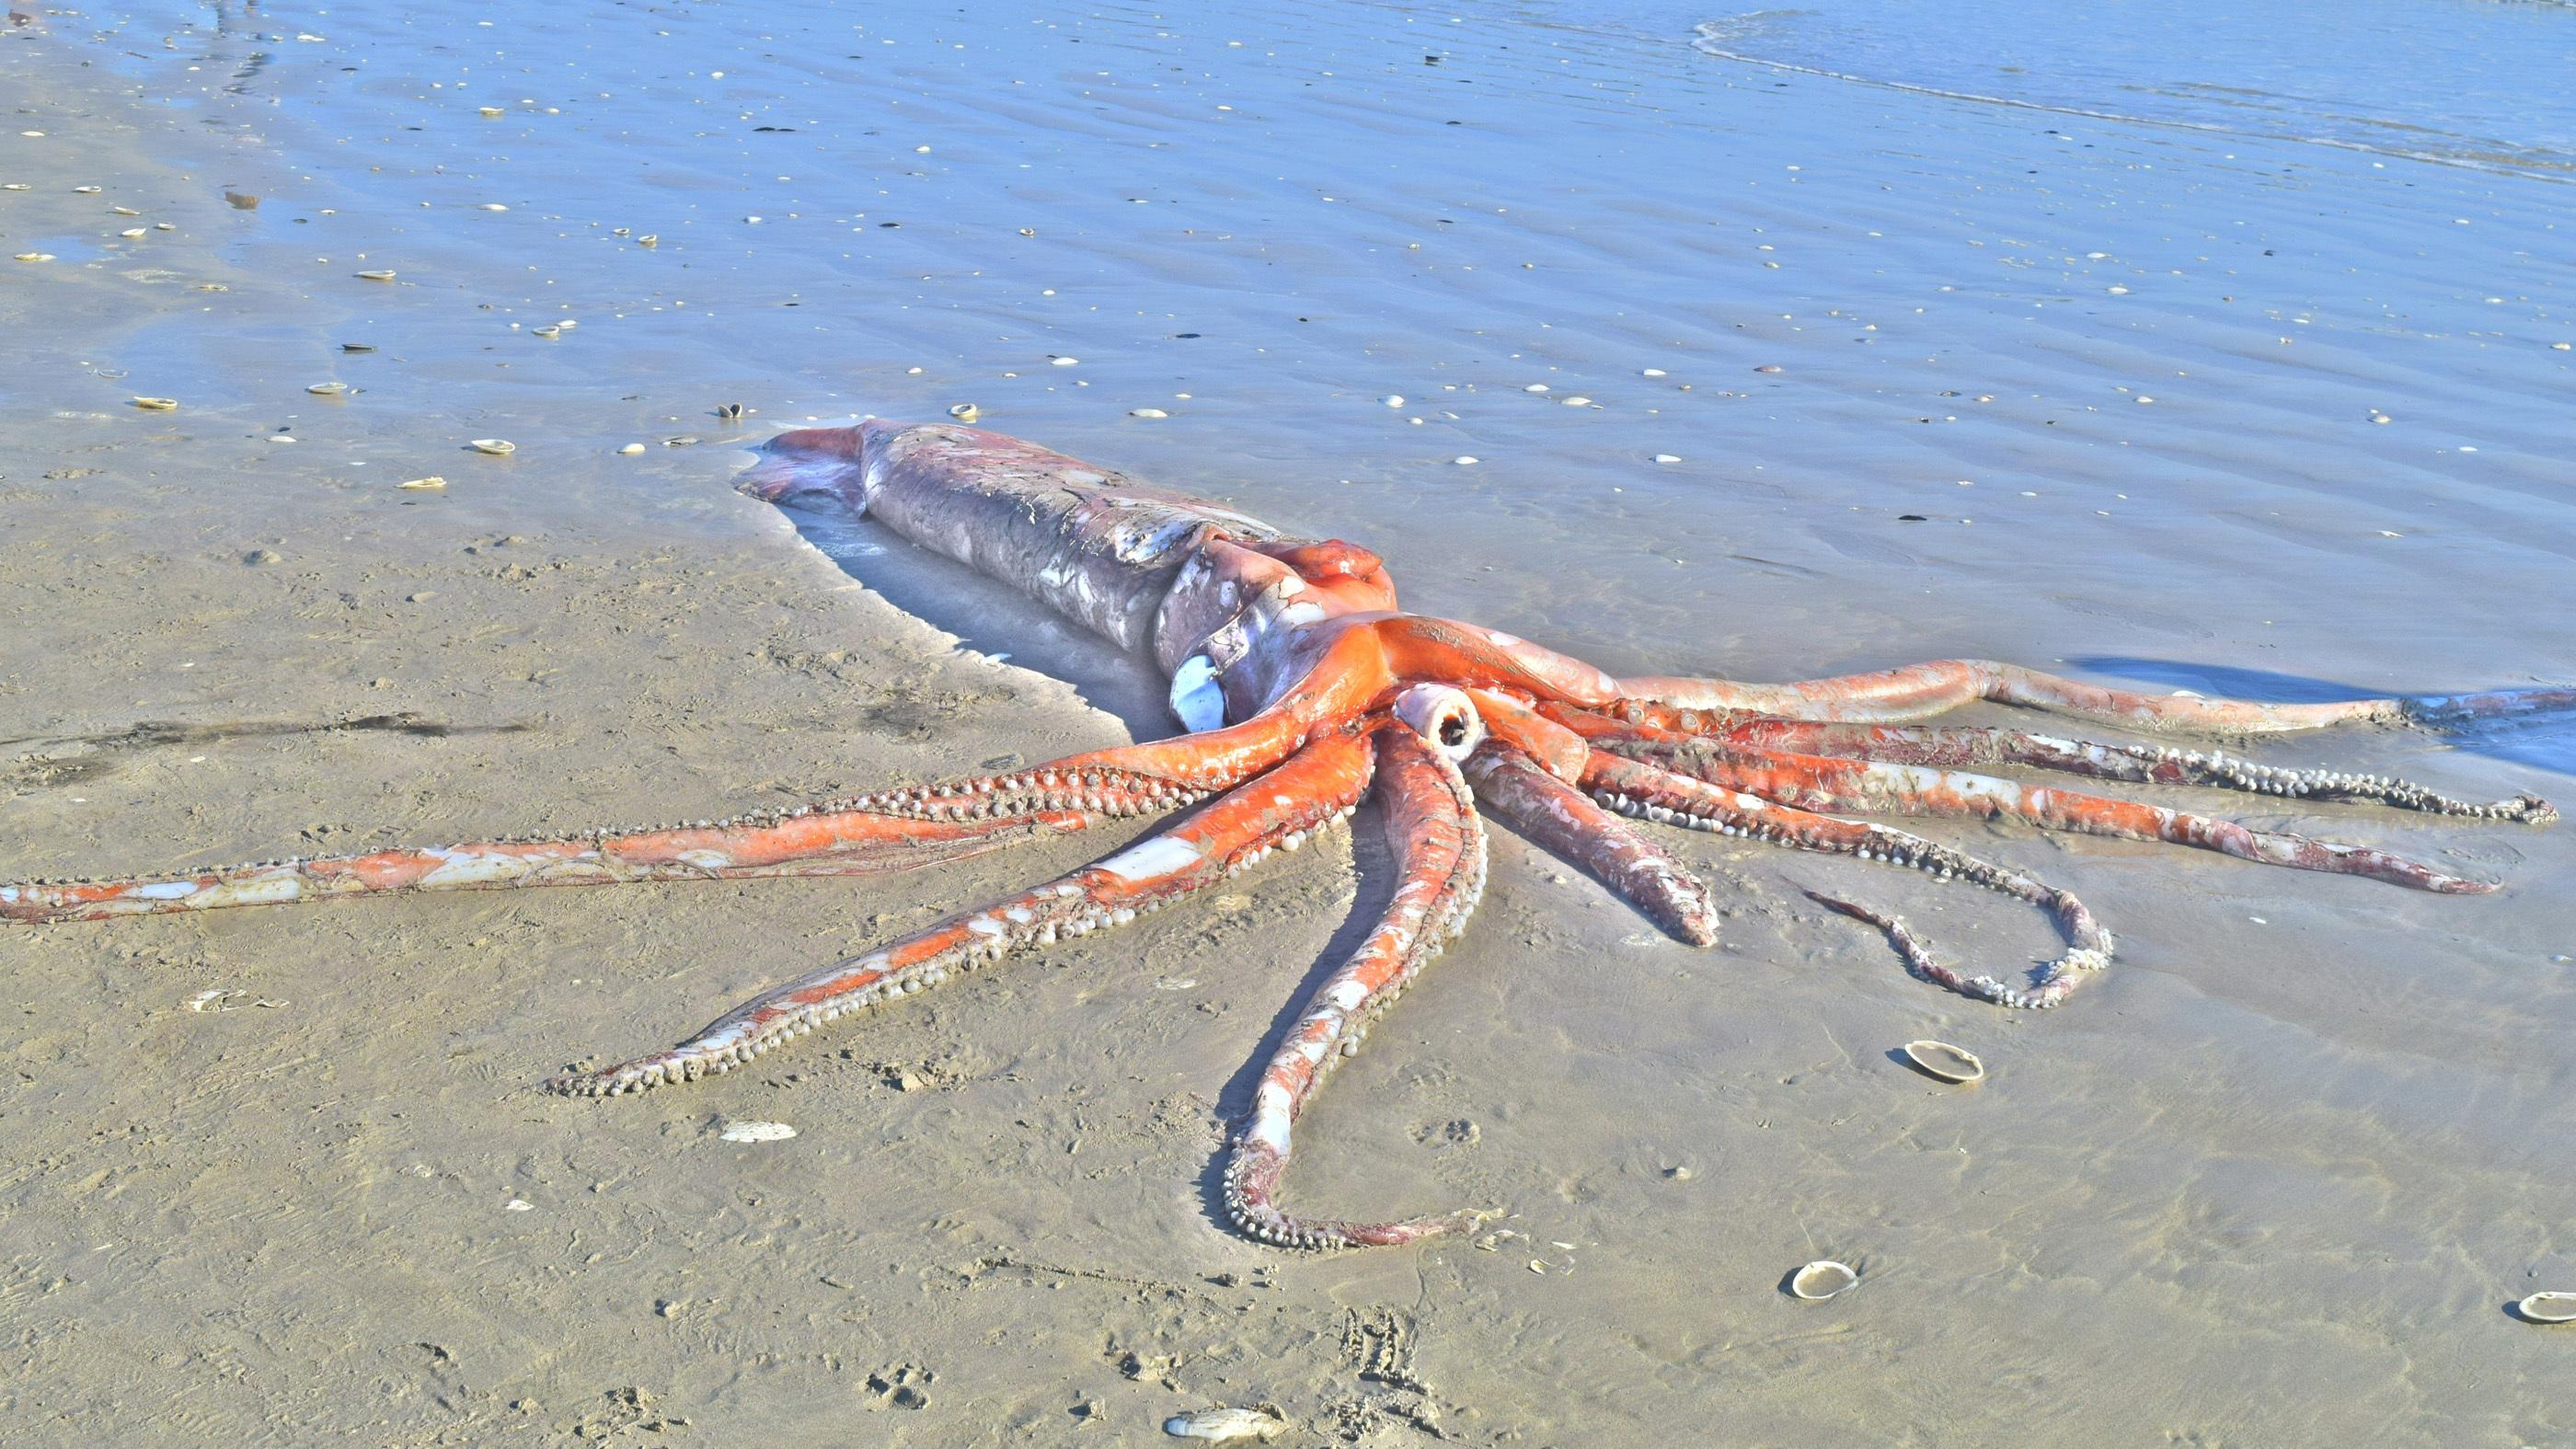 Adéle Grosse et son mari ont trouvé un calmar géant mort (Architeuthis dux) en marchant sur la plage Golden Mile à Britannia Bay, en Afrique du Sud.